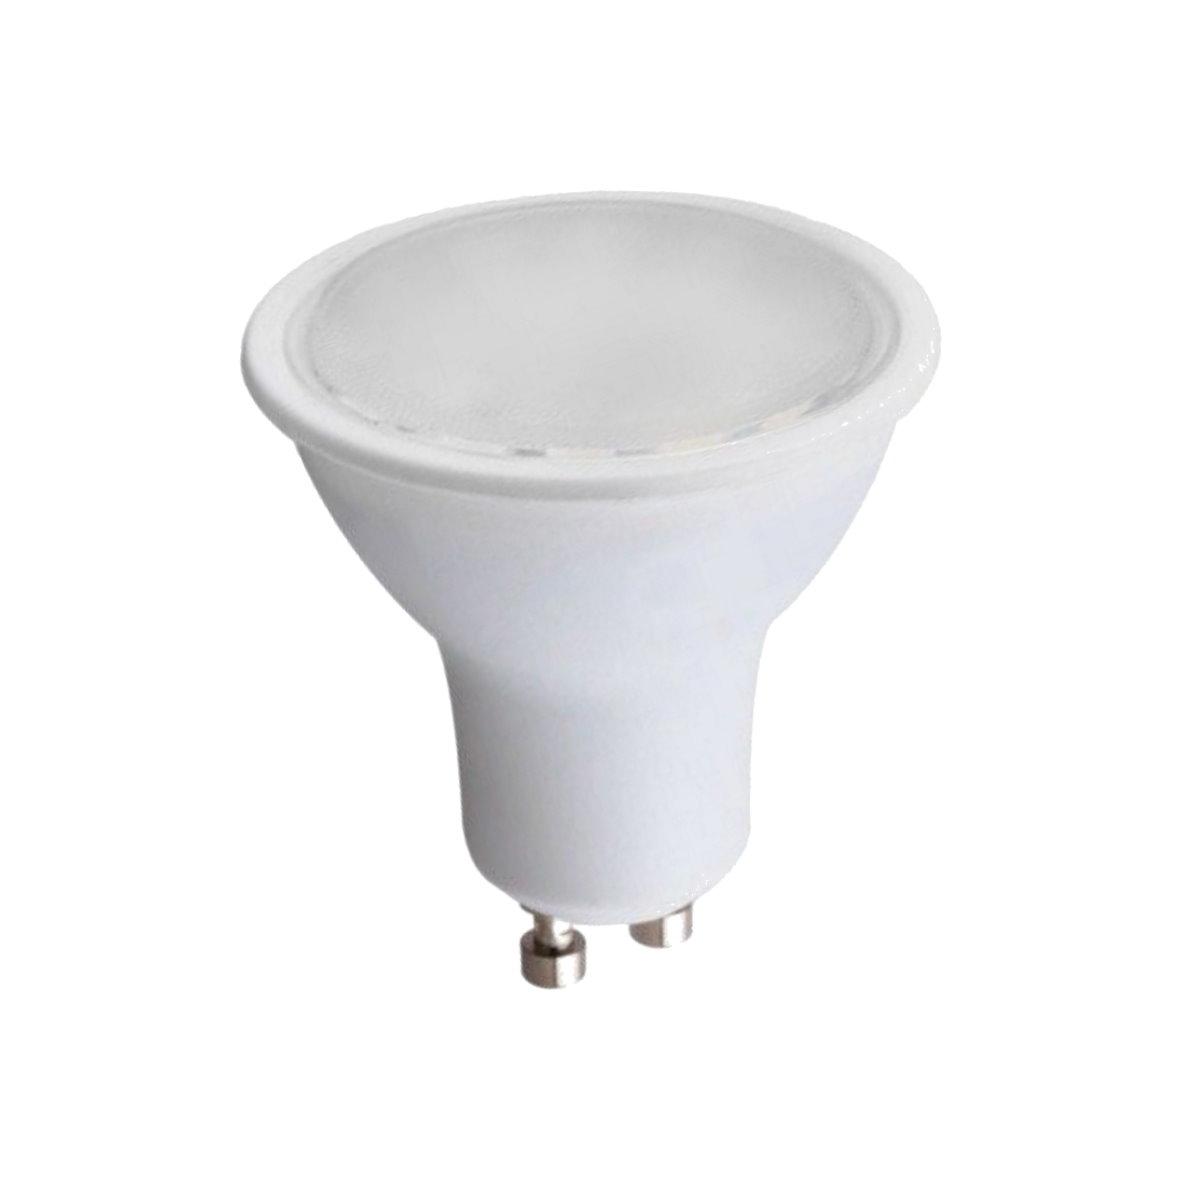 SMD LED Spot GU10 Epistar 230V Leuchtmittel MR16 Reflektor Strahler 400 Lumen 4W